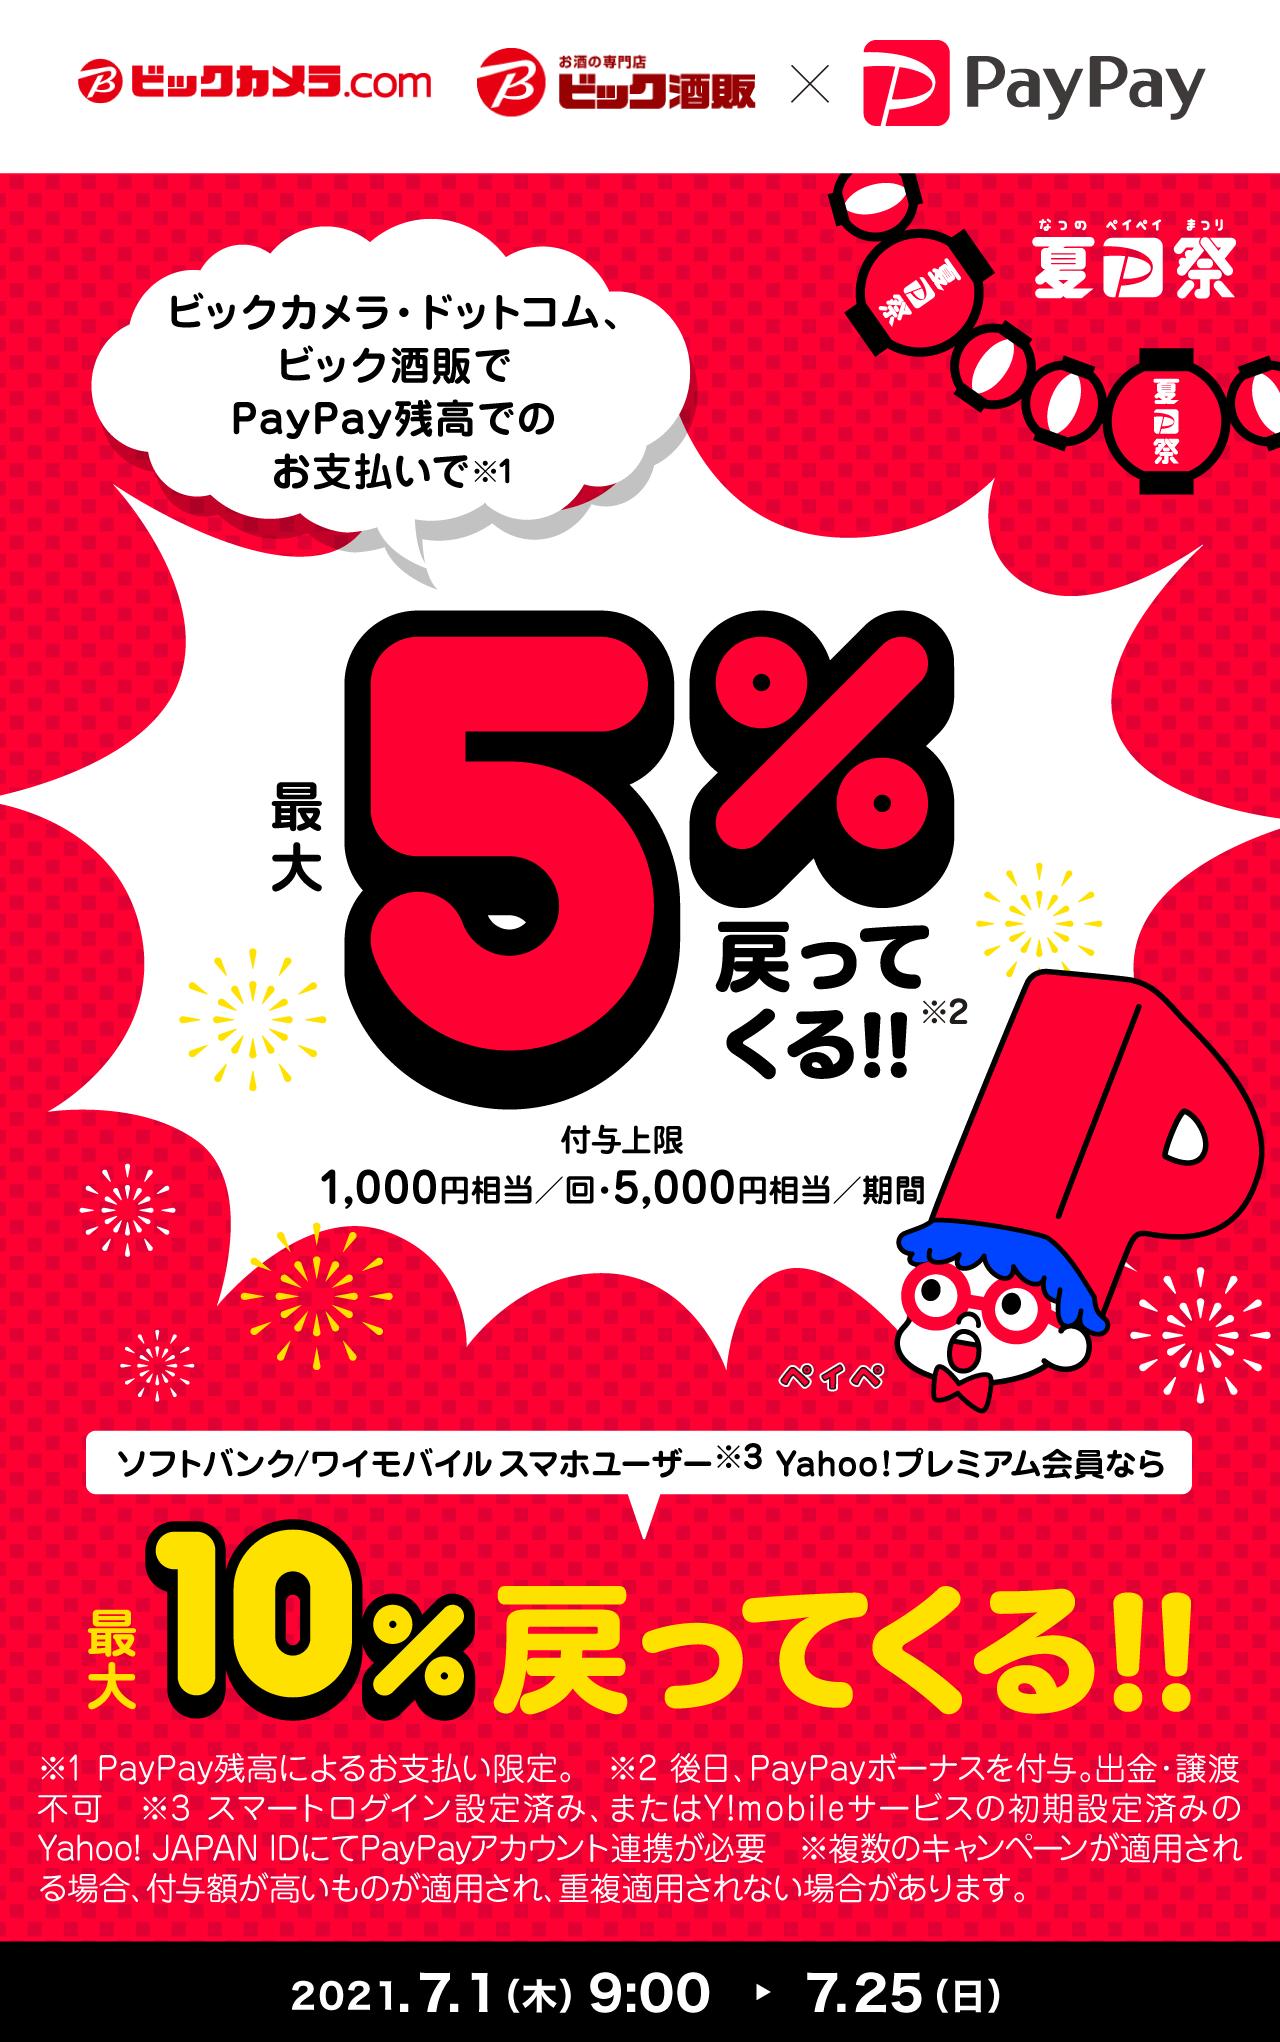 ビックカメラ・ドットコム、ビック酒販でPayPay残高でのお支払いで 最大5%戻ってくる!!